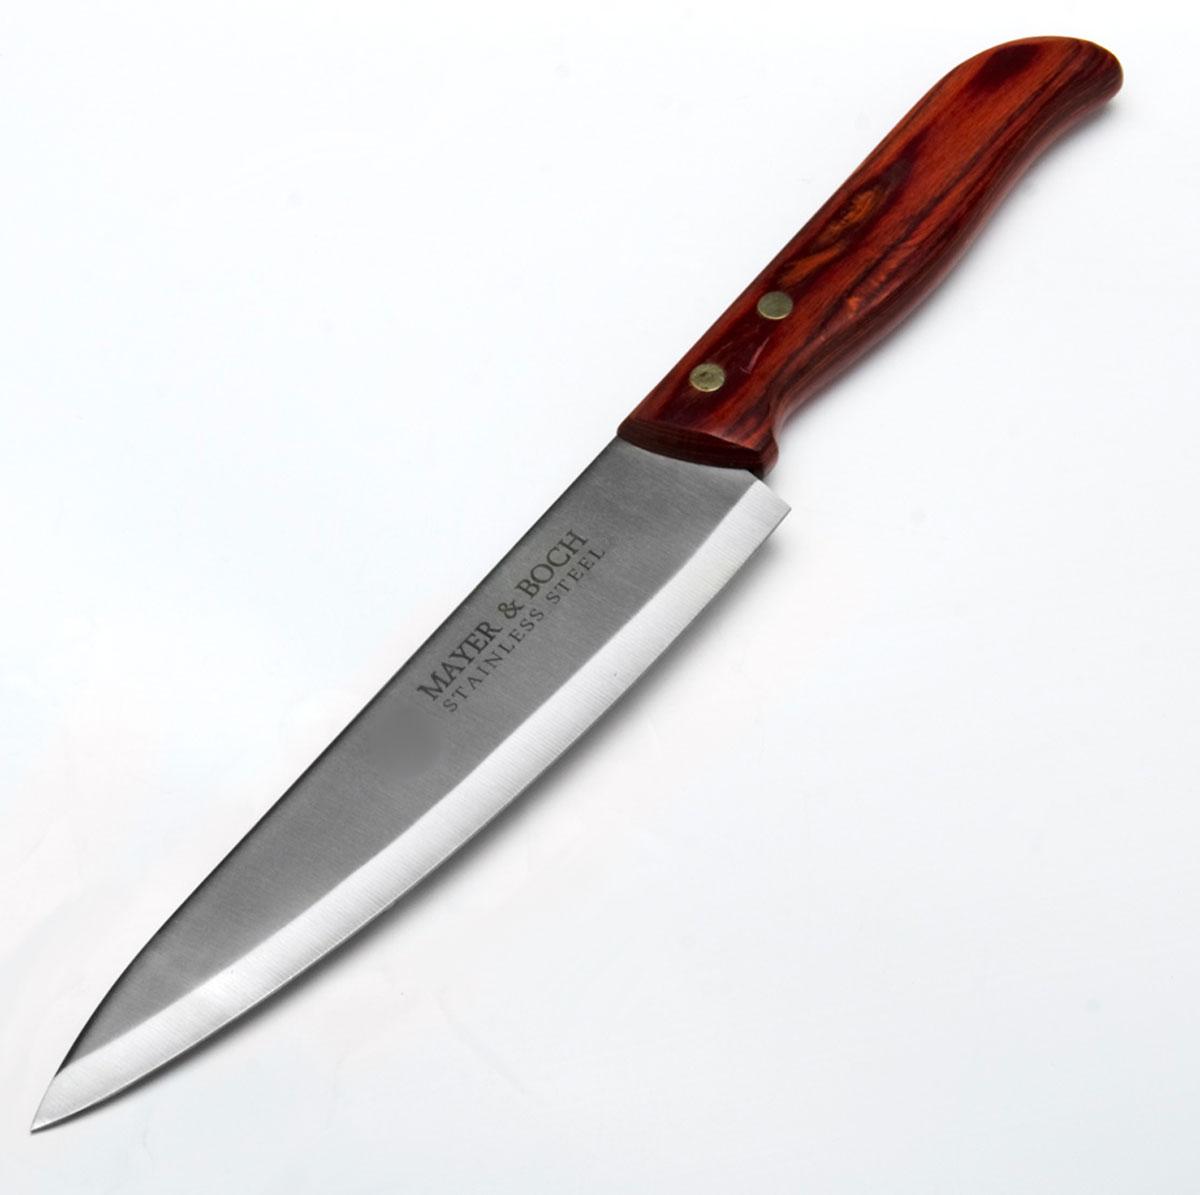 Нож Mayer & Boch, 20,3 см23434Универсальный нож изготовлен из высококачественной нержавеющей стали. Оригинальная и практичная рукоятка выполнена из красного дерева. Рукоятка не скользит в руках и делает резку удобной и безопасной. Этот нож идеально шинкует, нарезает и измельчает продукты и займет достойное место среди аксессуаров на вашей кухне. Нож MayerBoch имеет острое лезвие с ровной поверхностью и выверенным углом заточки, специальную закалку металла для повышения прочности, нож не впитывает запахи и не оставляет запаха на продуктах. Изготовлен из экологически чистых материалов, легок и простот в эксплуатации и уходе.